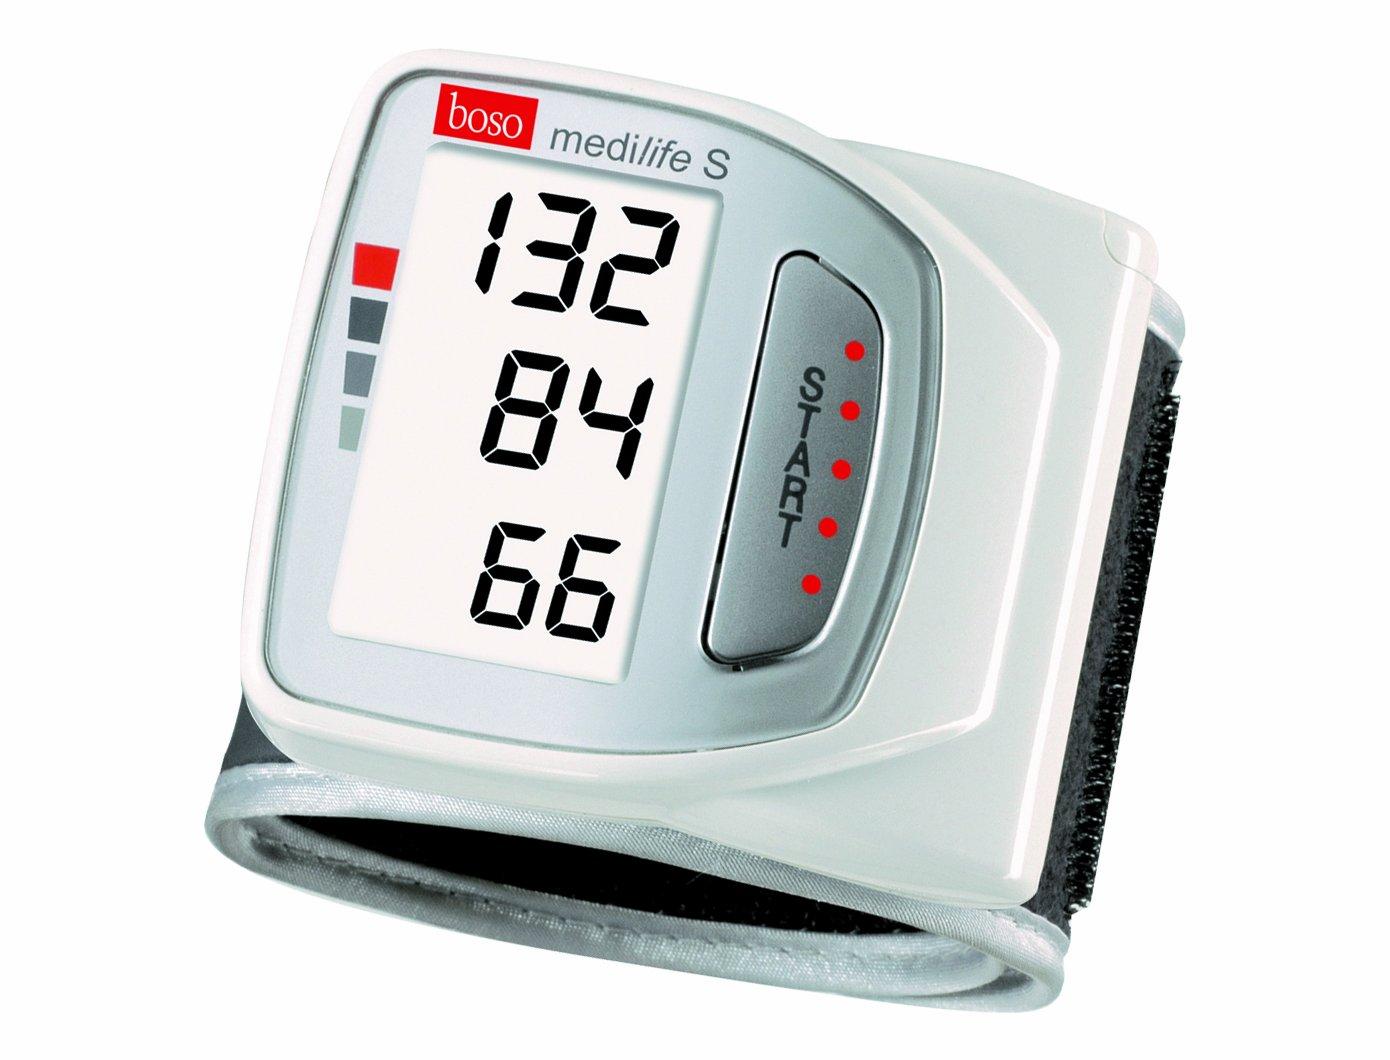 Boso Medistar S - Tensiómetro de muñeca (totalmente automático): Amazon.es: Salud y cuidado personal